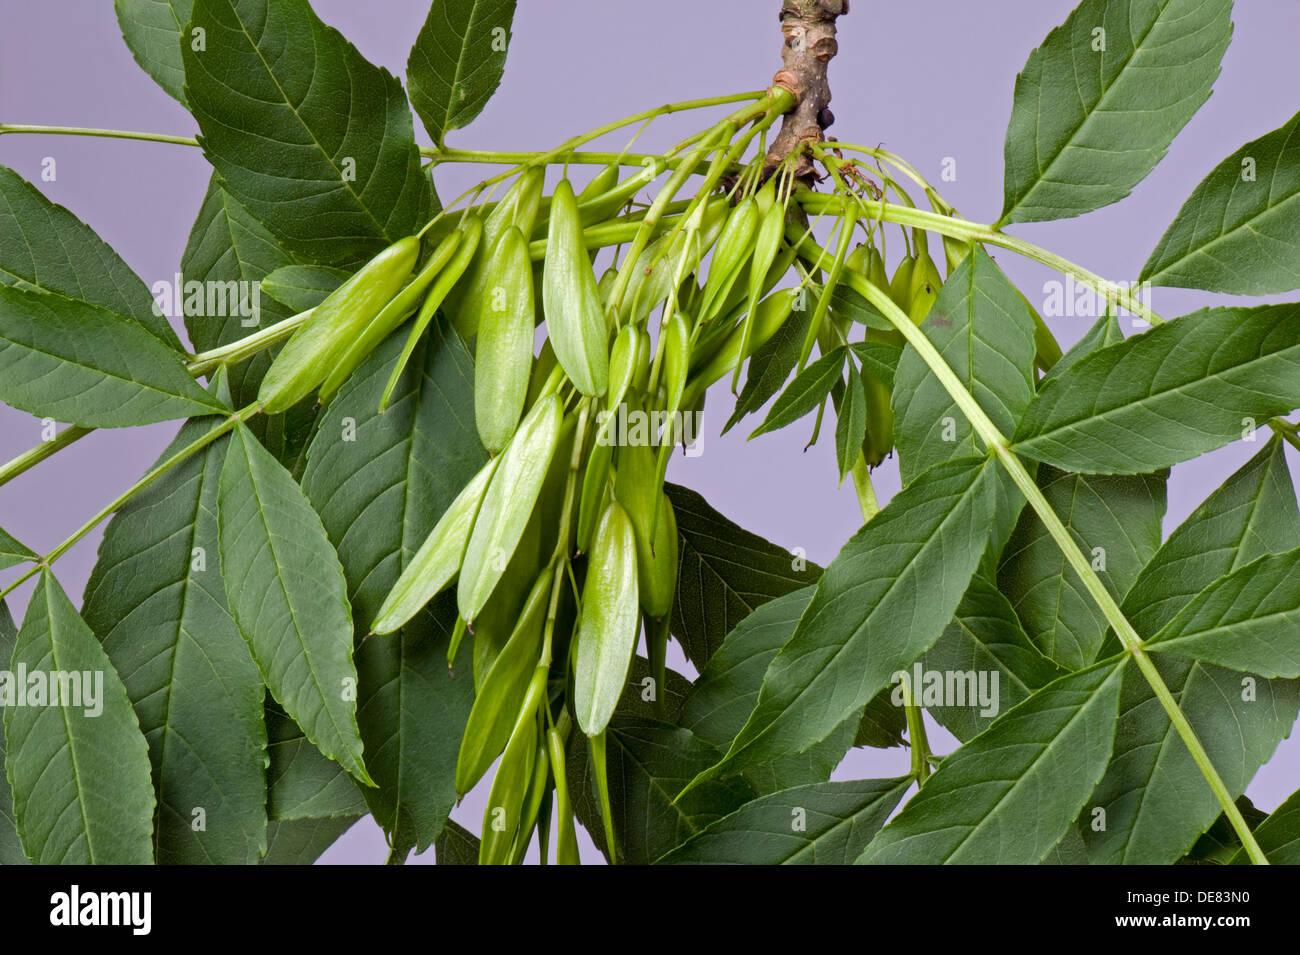 Graines ou fruits d'un frêne, Fraxinus excelsior, connu en tant que clés Photo Stock